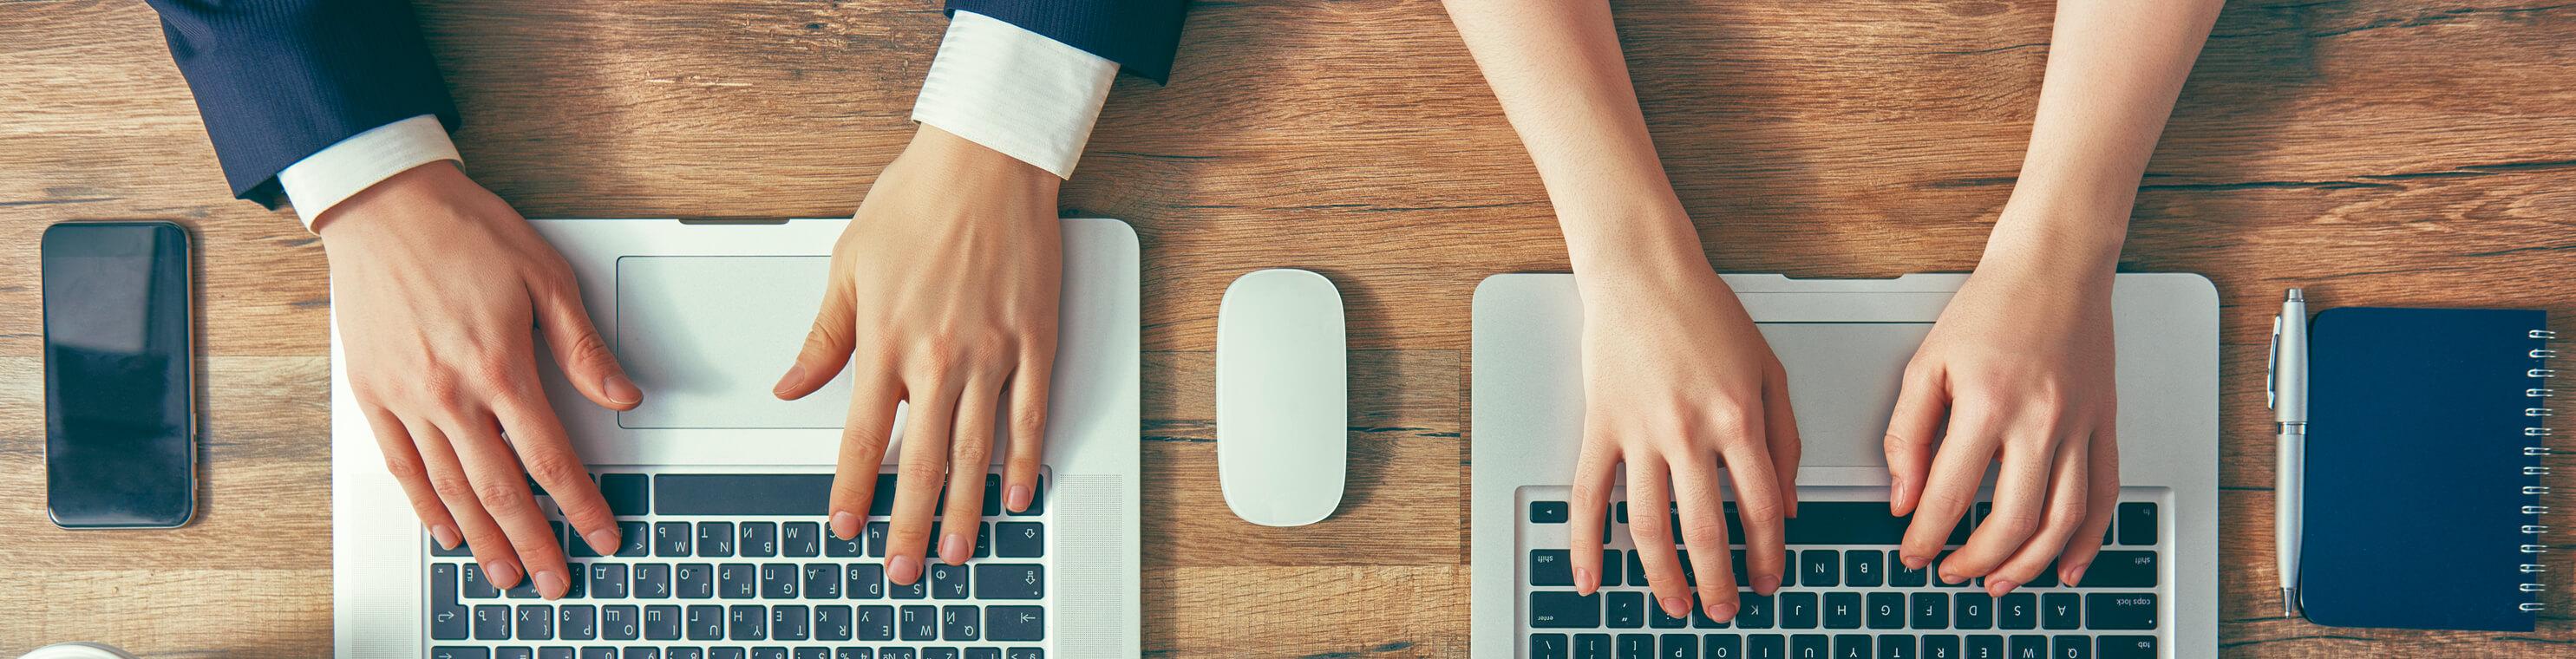 ViaExperts apporte aux TPE et PME, quel que soit le statut, davantage que des prestations mais une manière de travailler qui va dans le sens de la simplification. Image d'illustration.